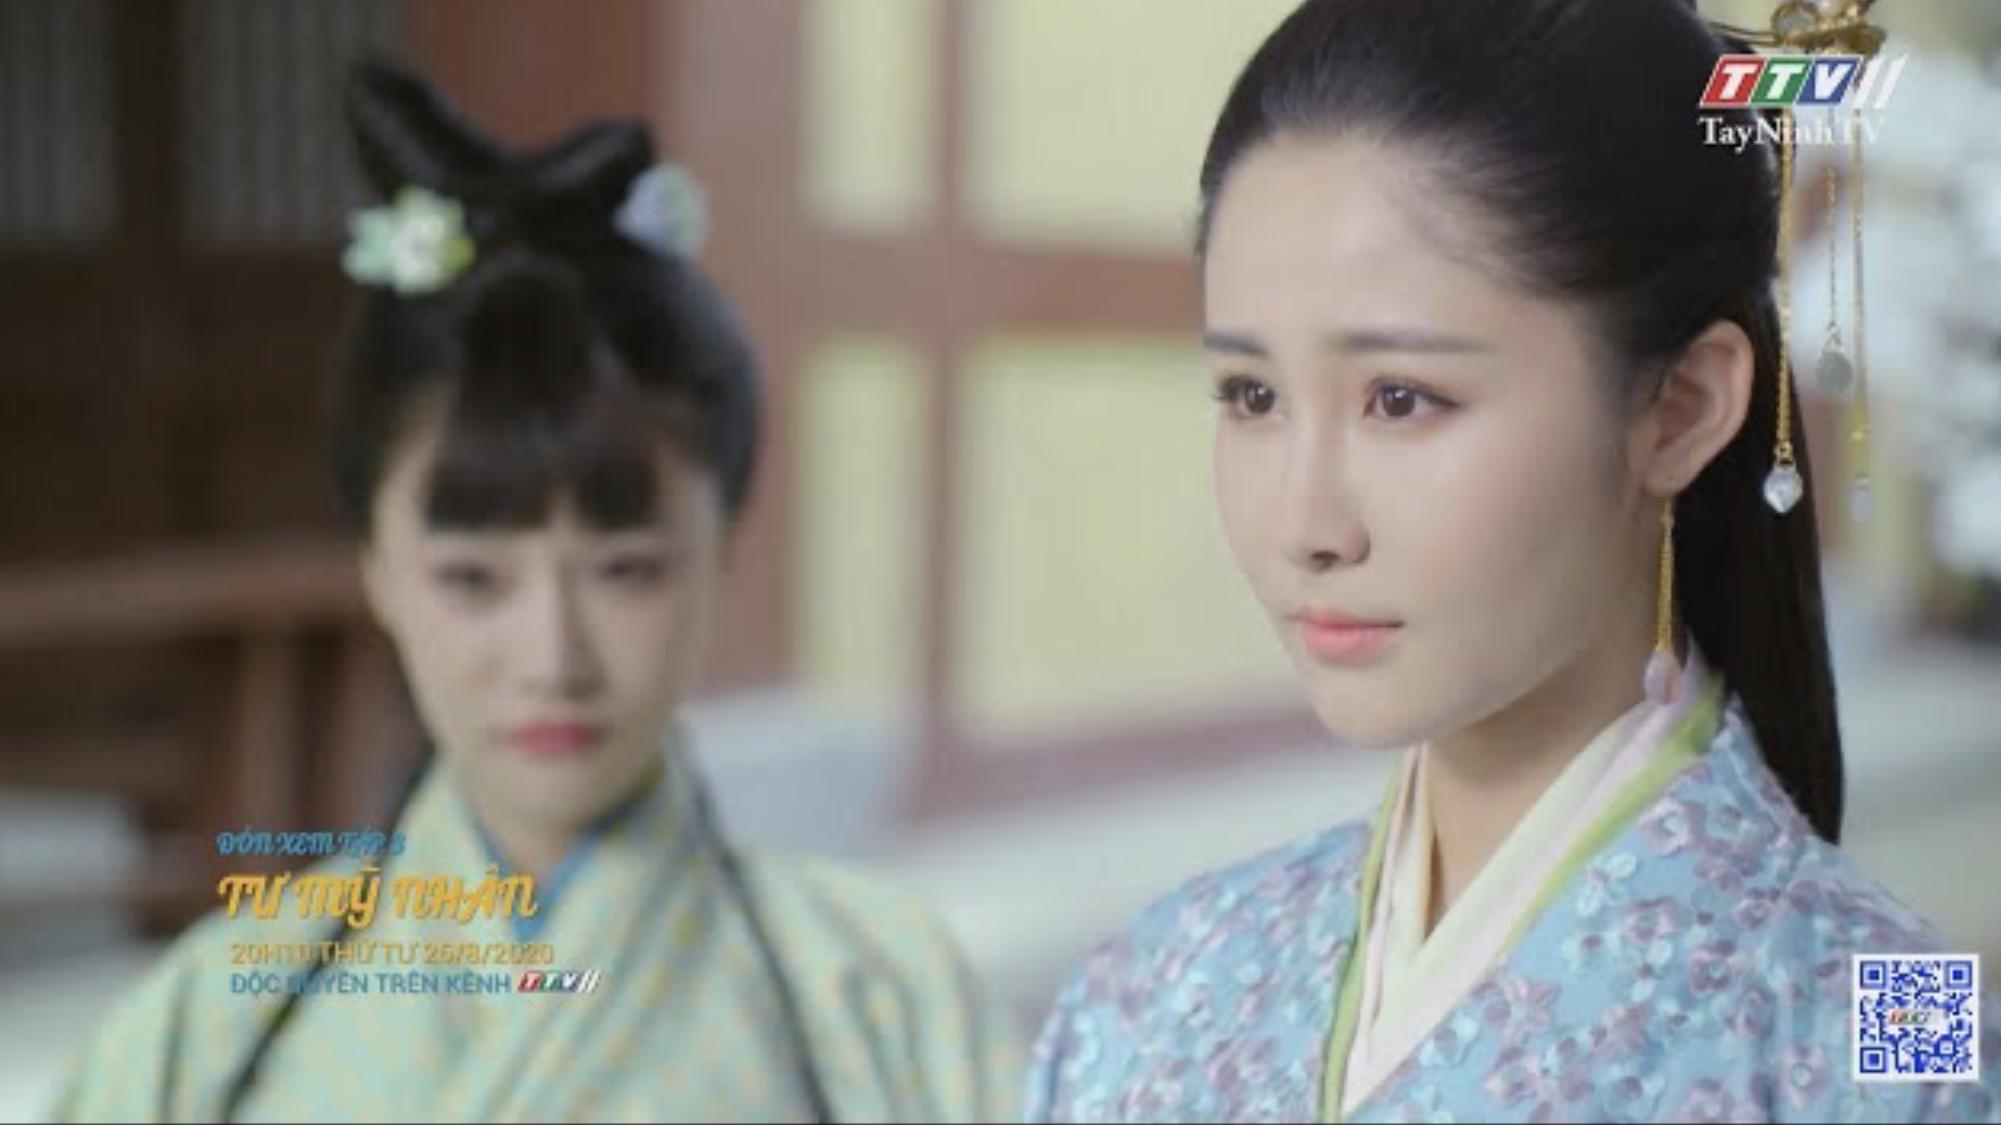 Tư mỹ nhân- TẬP 3 trailer   PHIM TƯ MỸ NHÂN   TayNinhTV